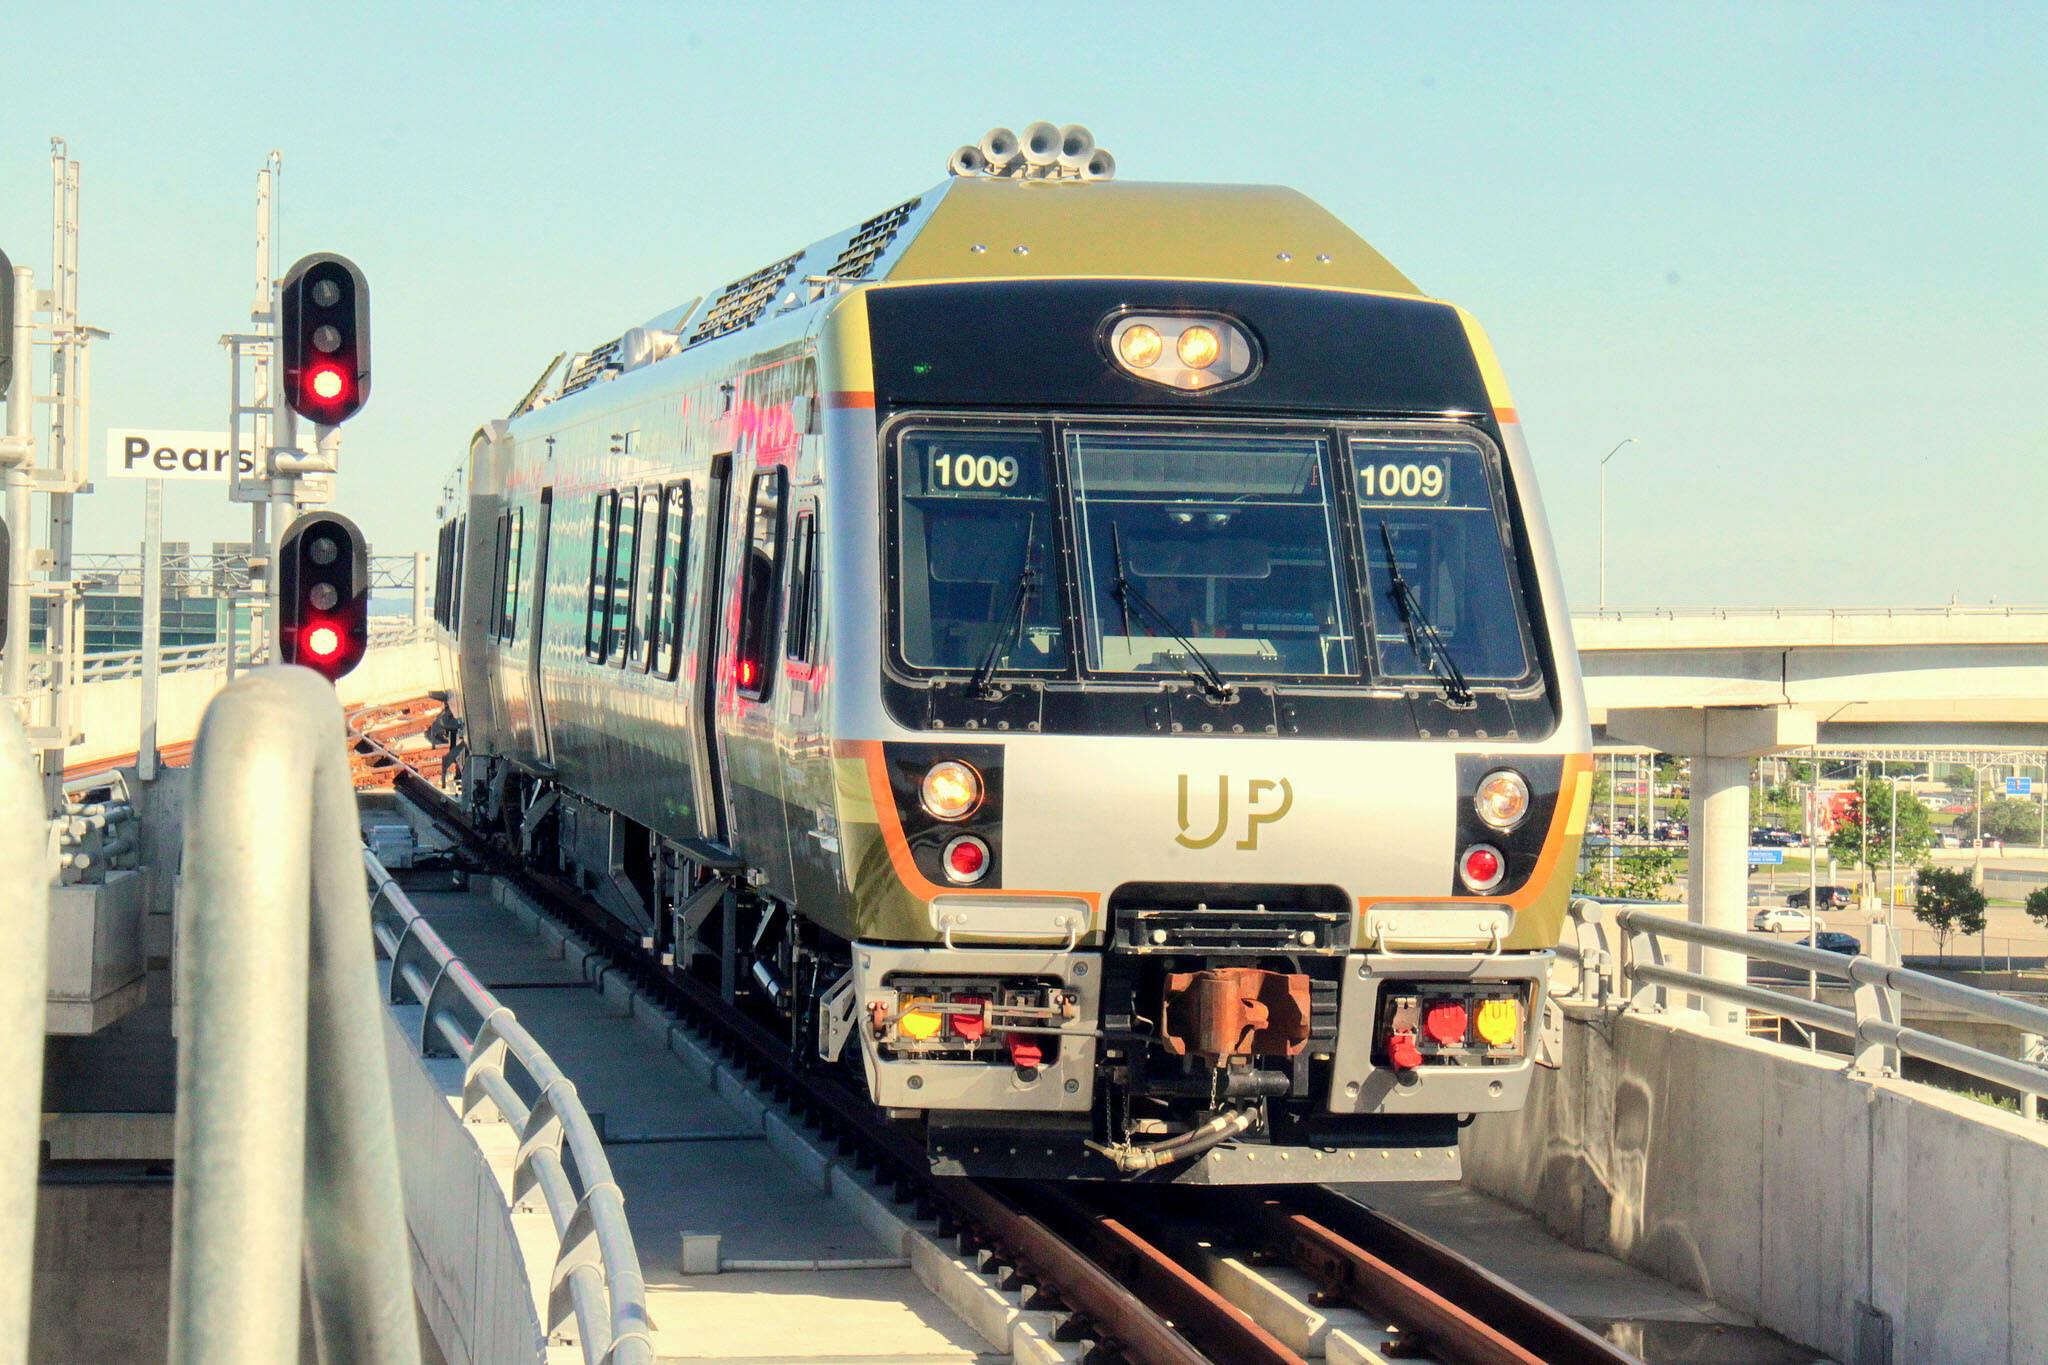 Go Train service